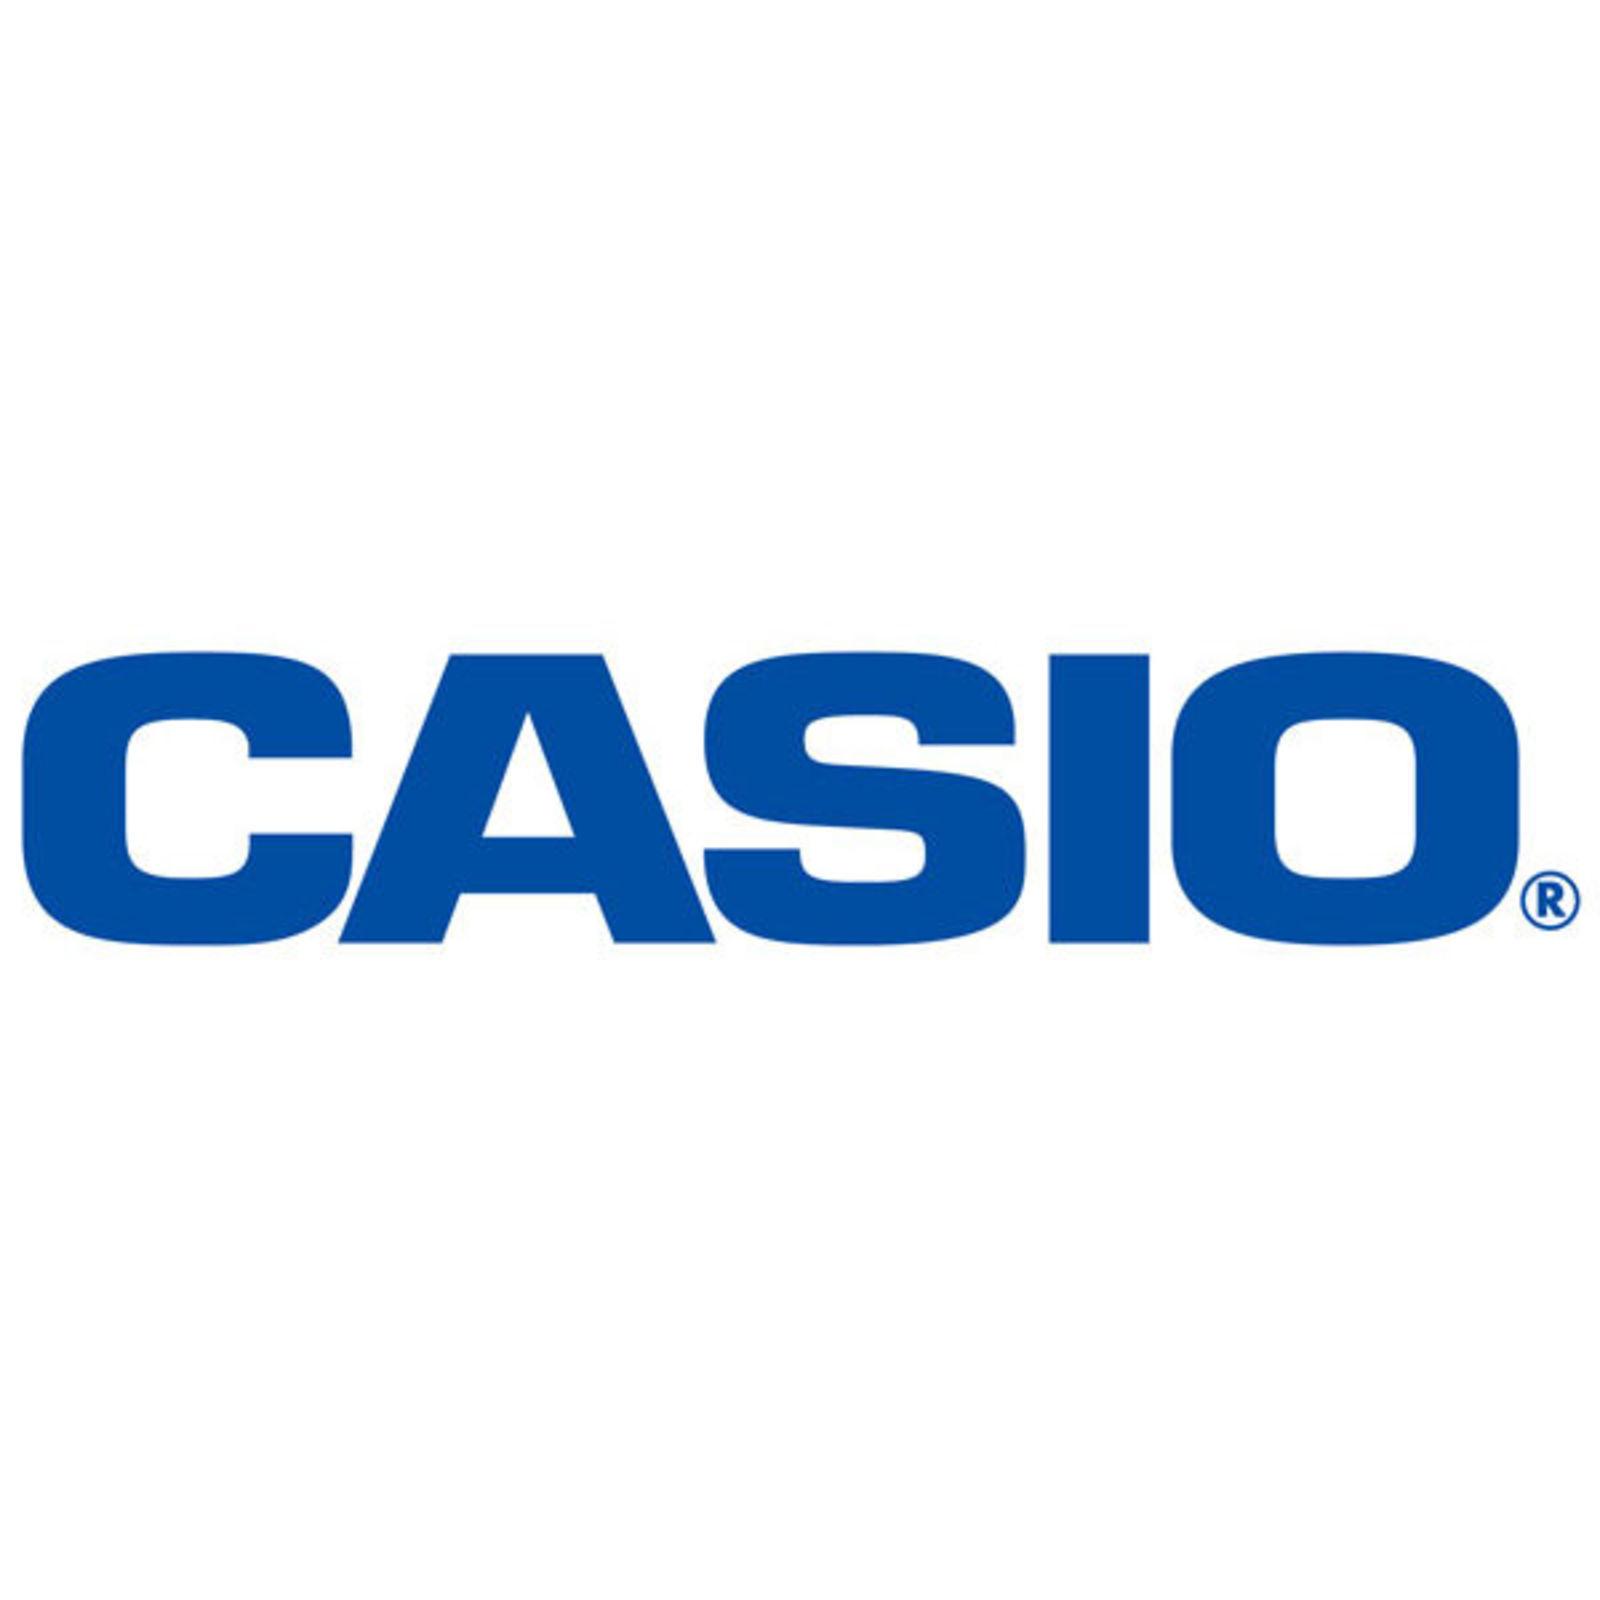 CASIO (Image 1)